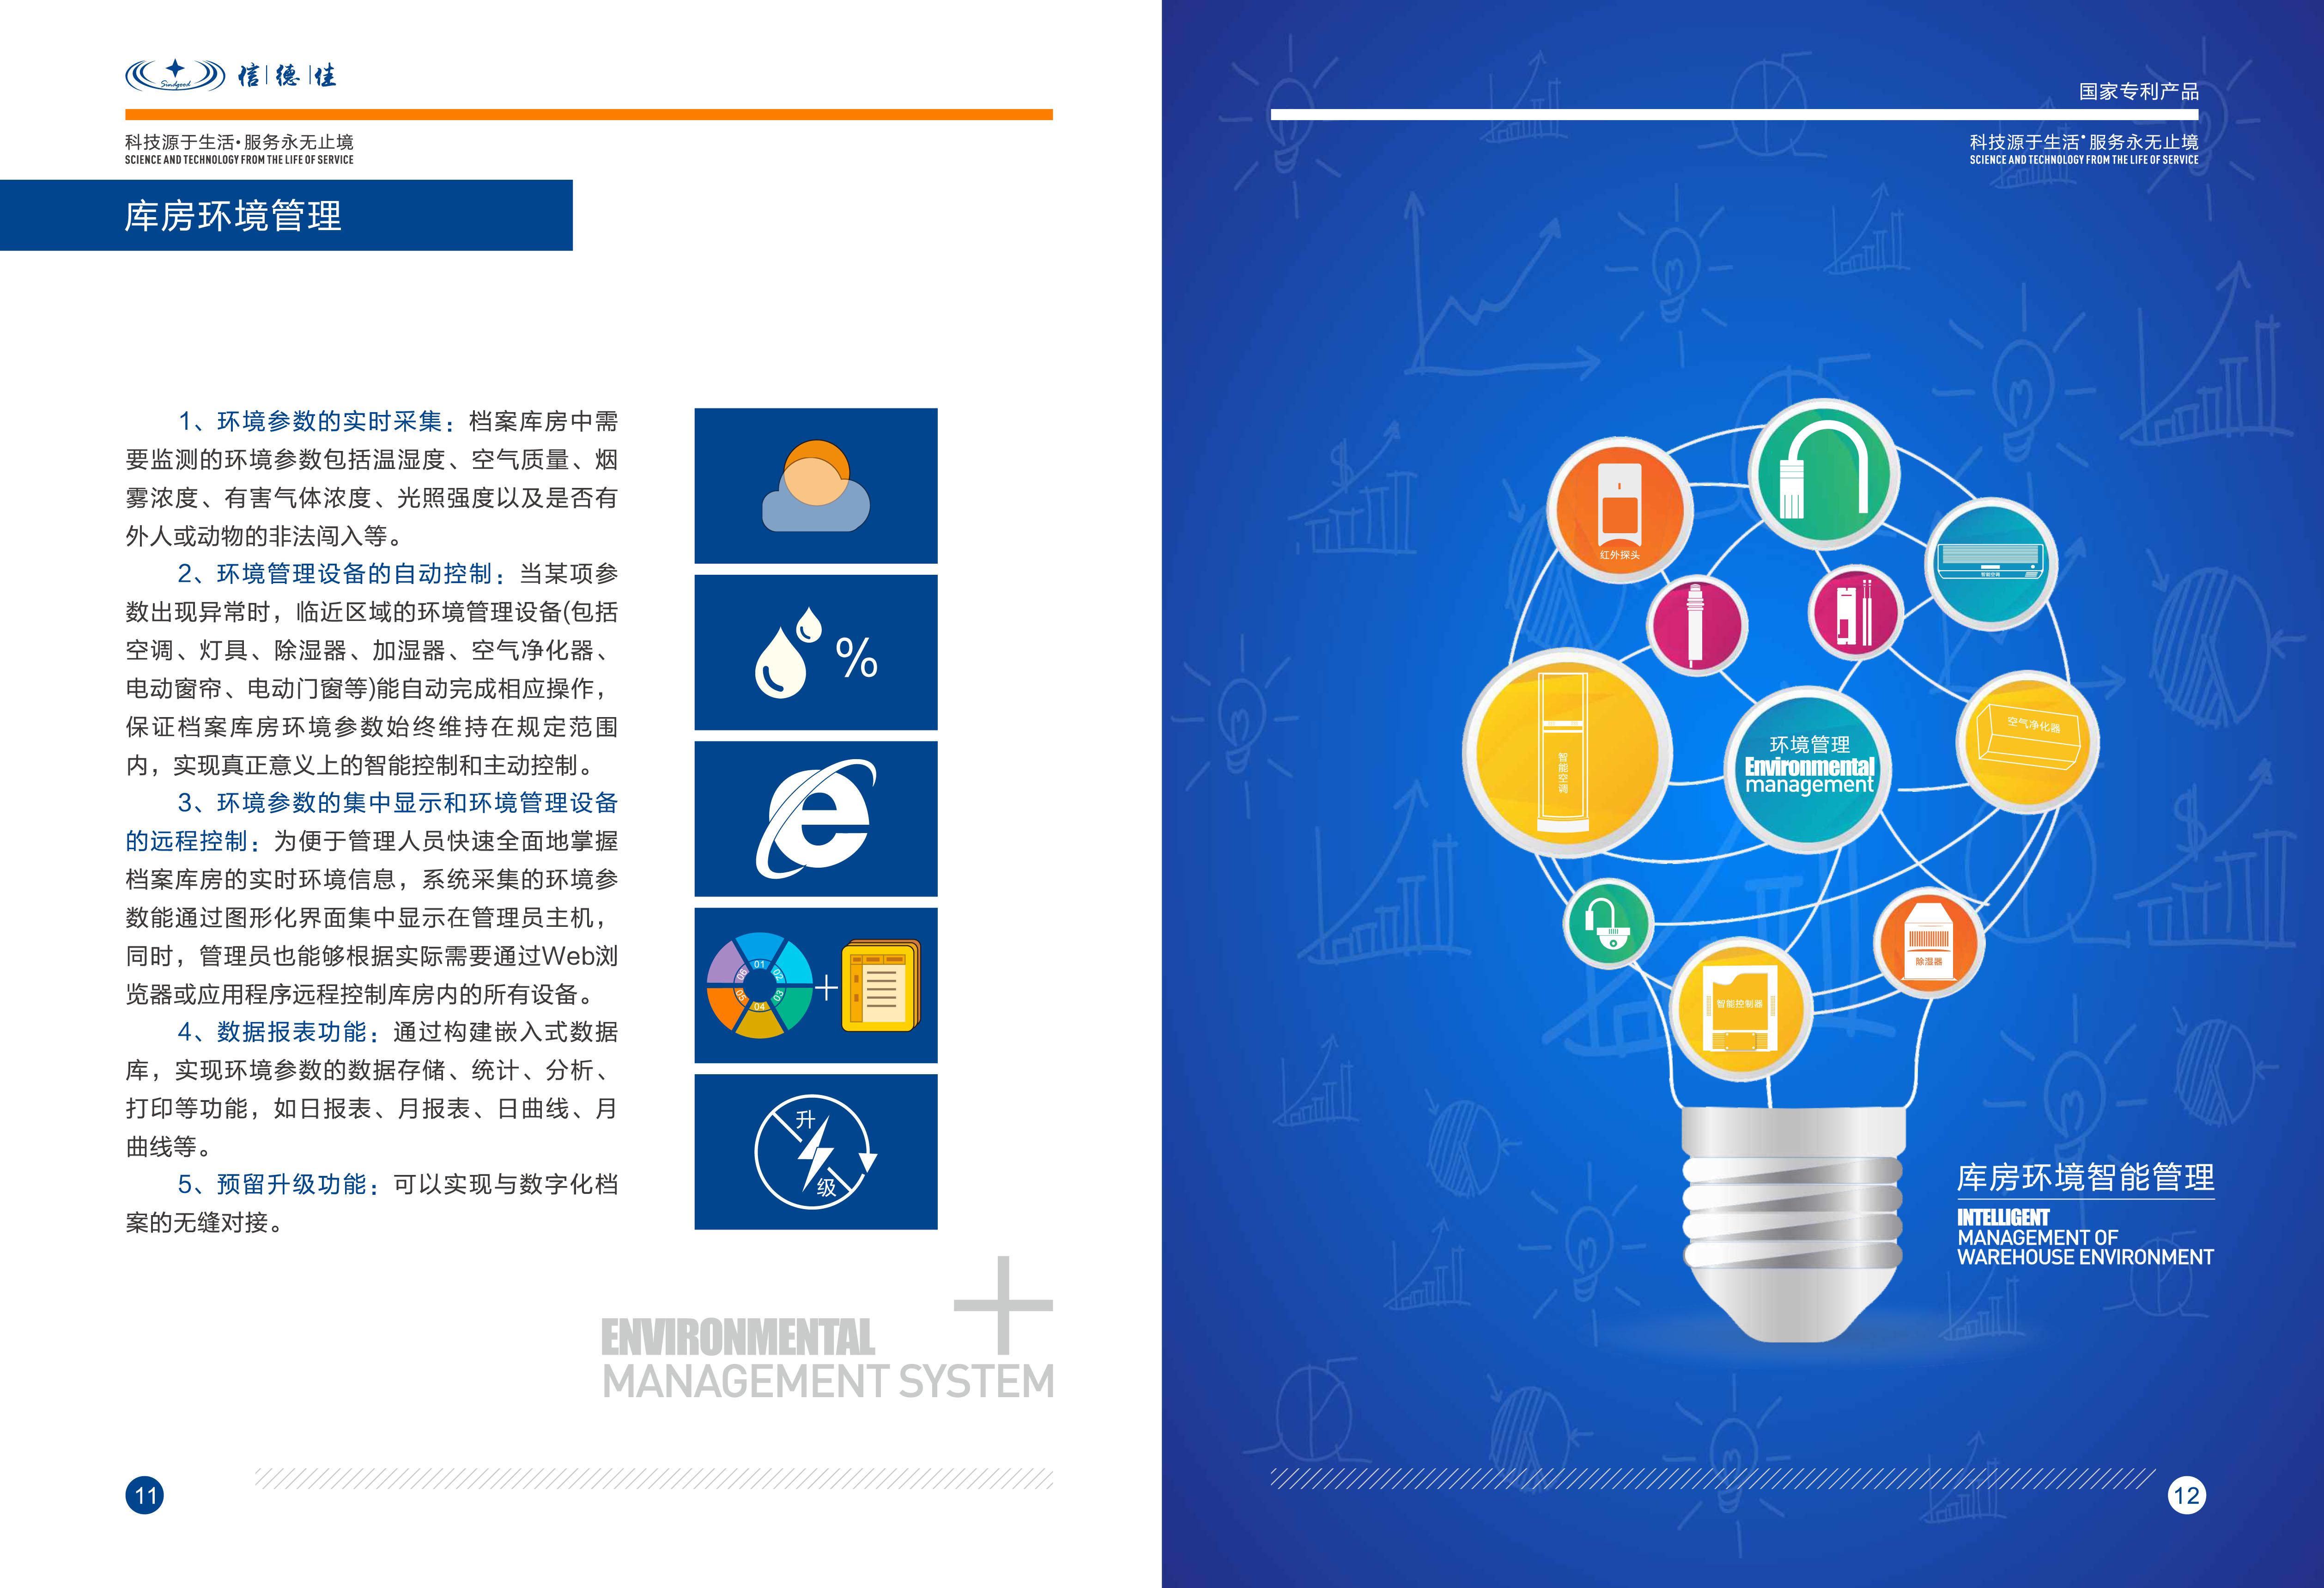 广告册-智能带电作业库房管理-7.jpg